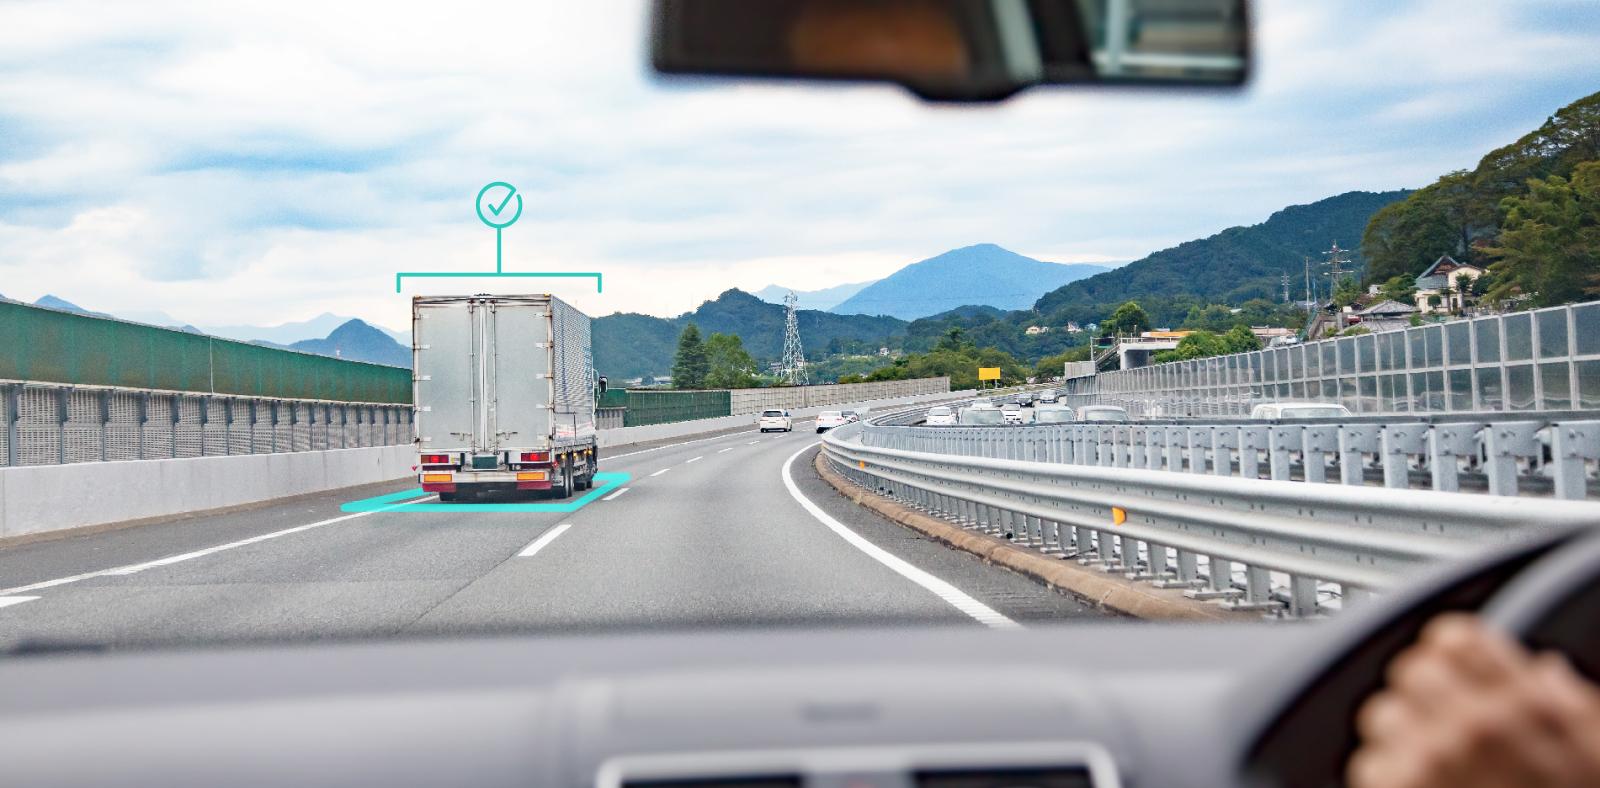 テレマティクスサービスを活用した安全運転啓蒙活動の進め方